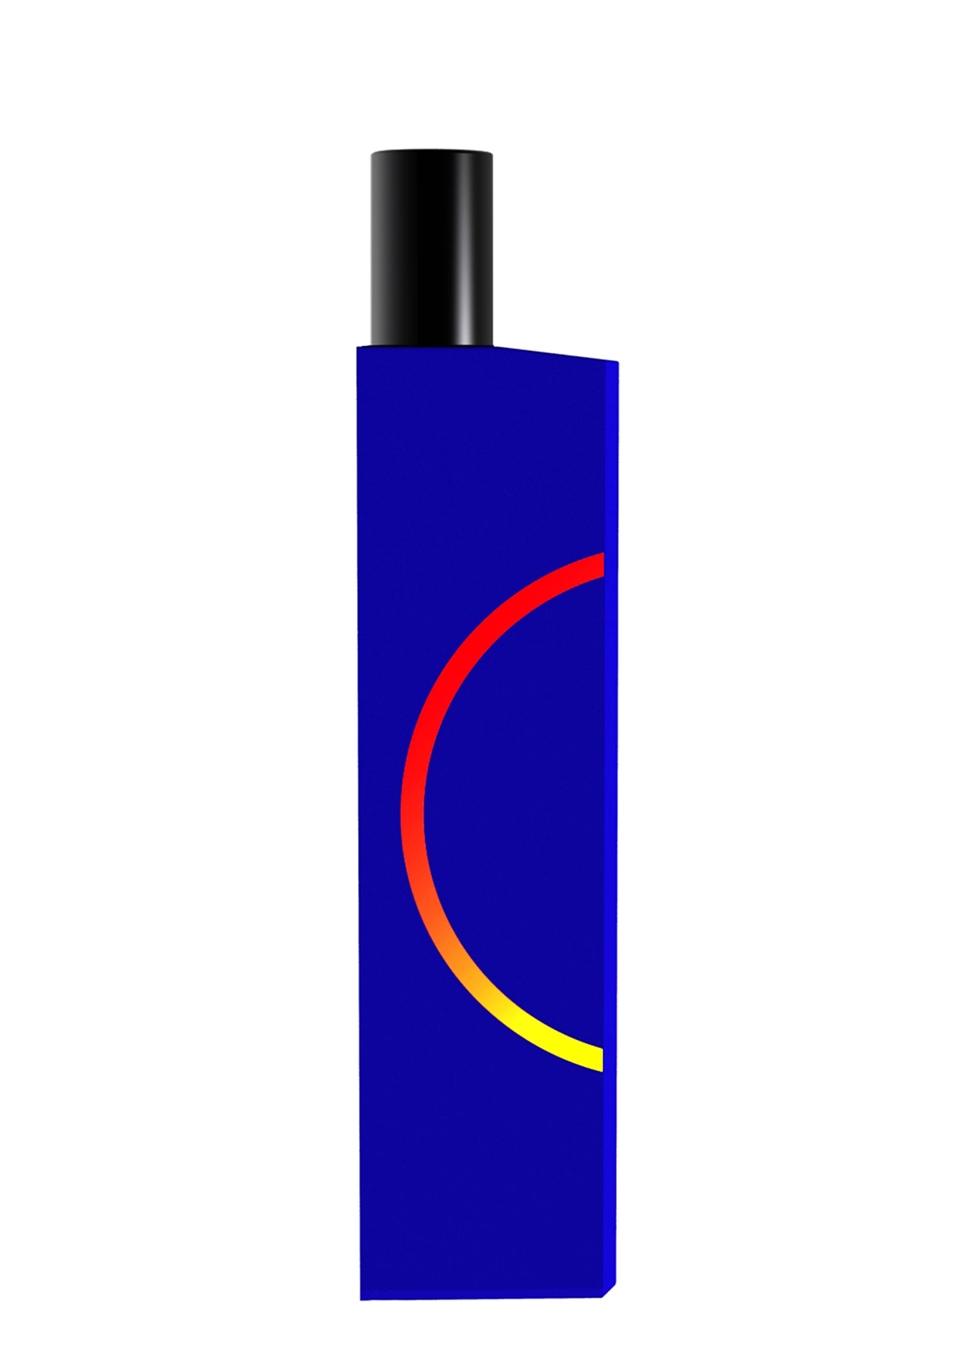 This Is Not A Blue Bottle 1.3 15ml - Histoires de Parfums